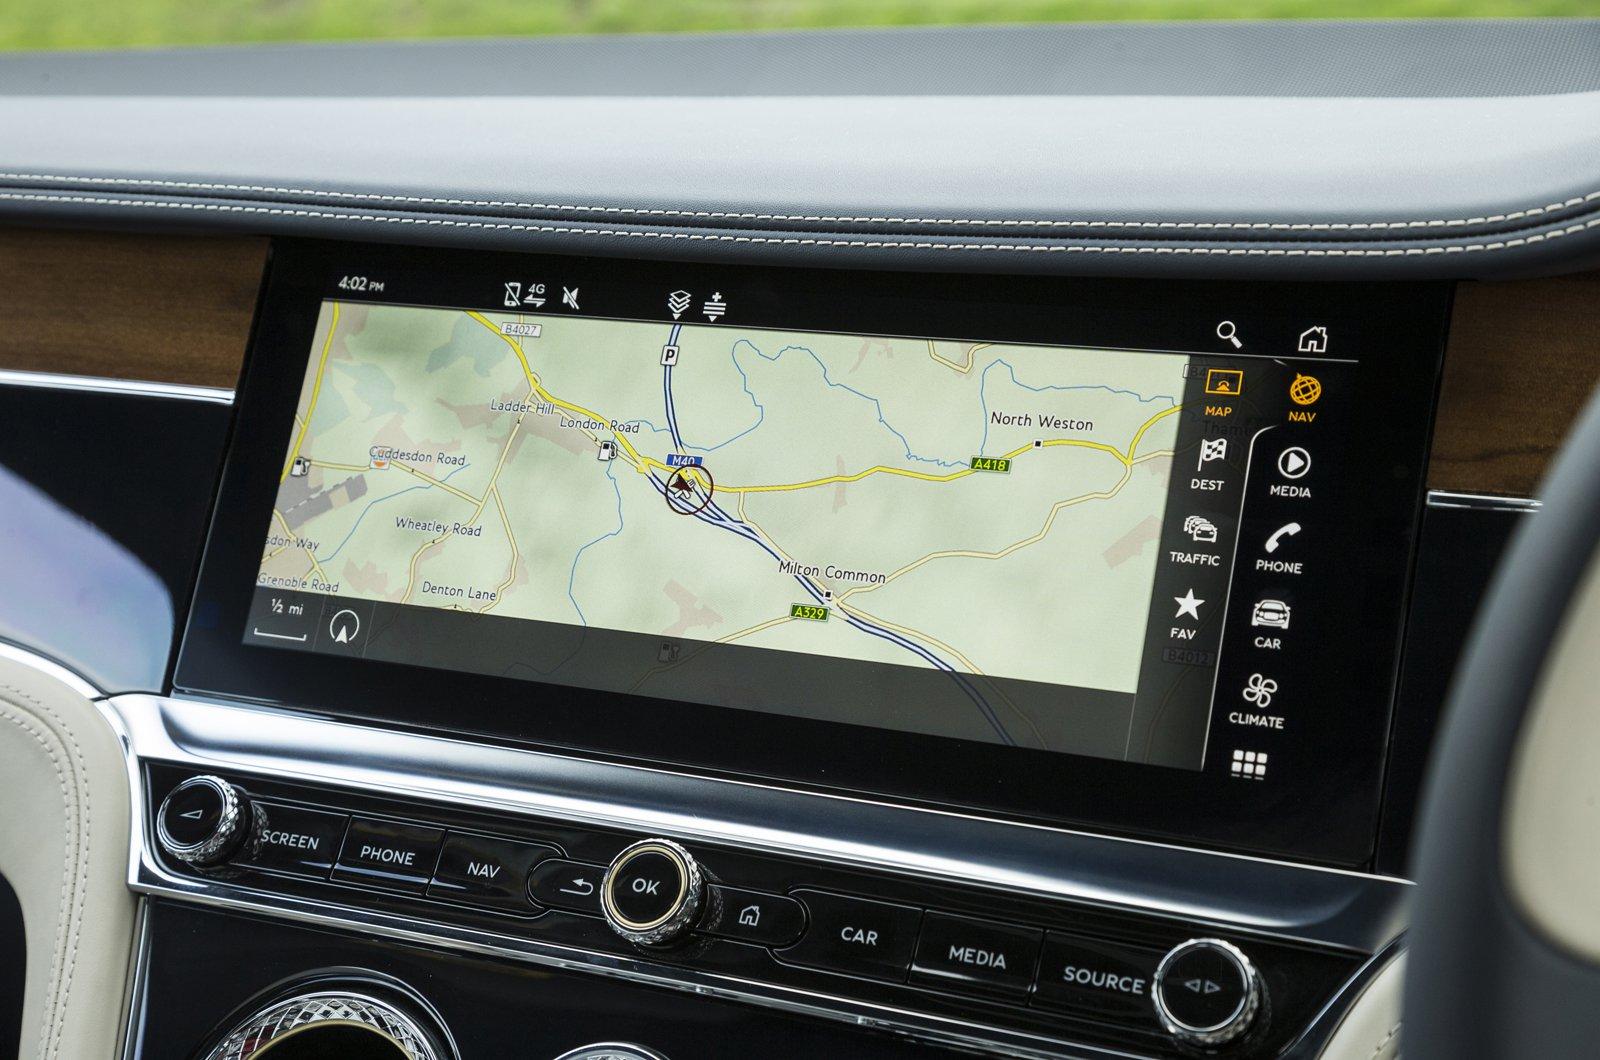 Bentley Continental GT touchscreen